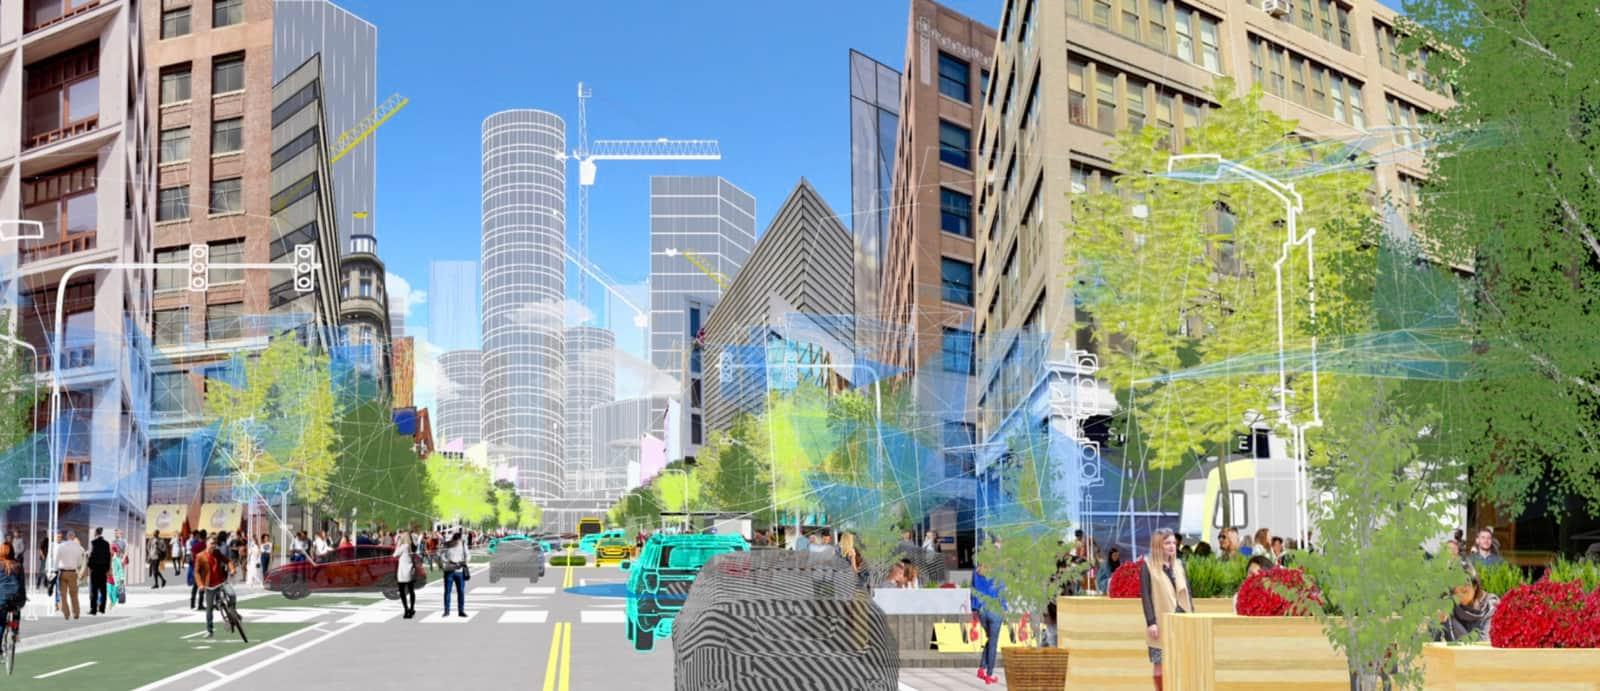 Plataforma compartirá datos al sector privado y público en ciudades de todo el mundo para mejorar la movilidad